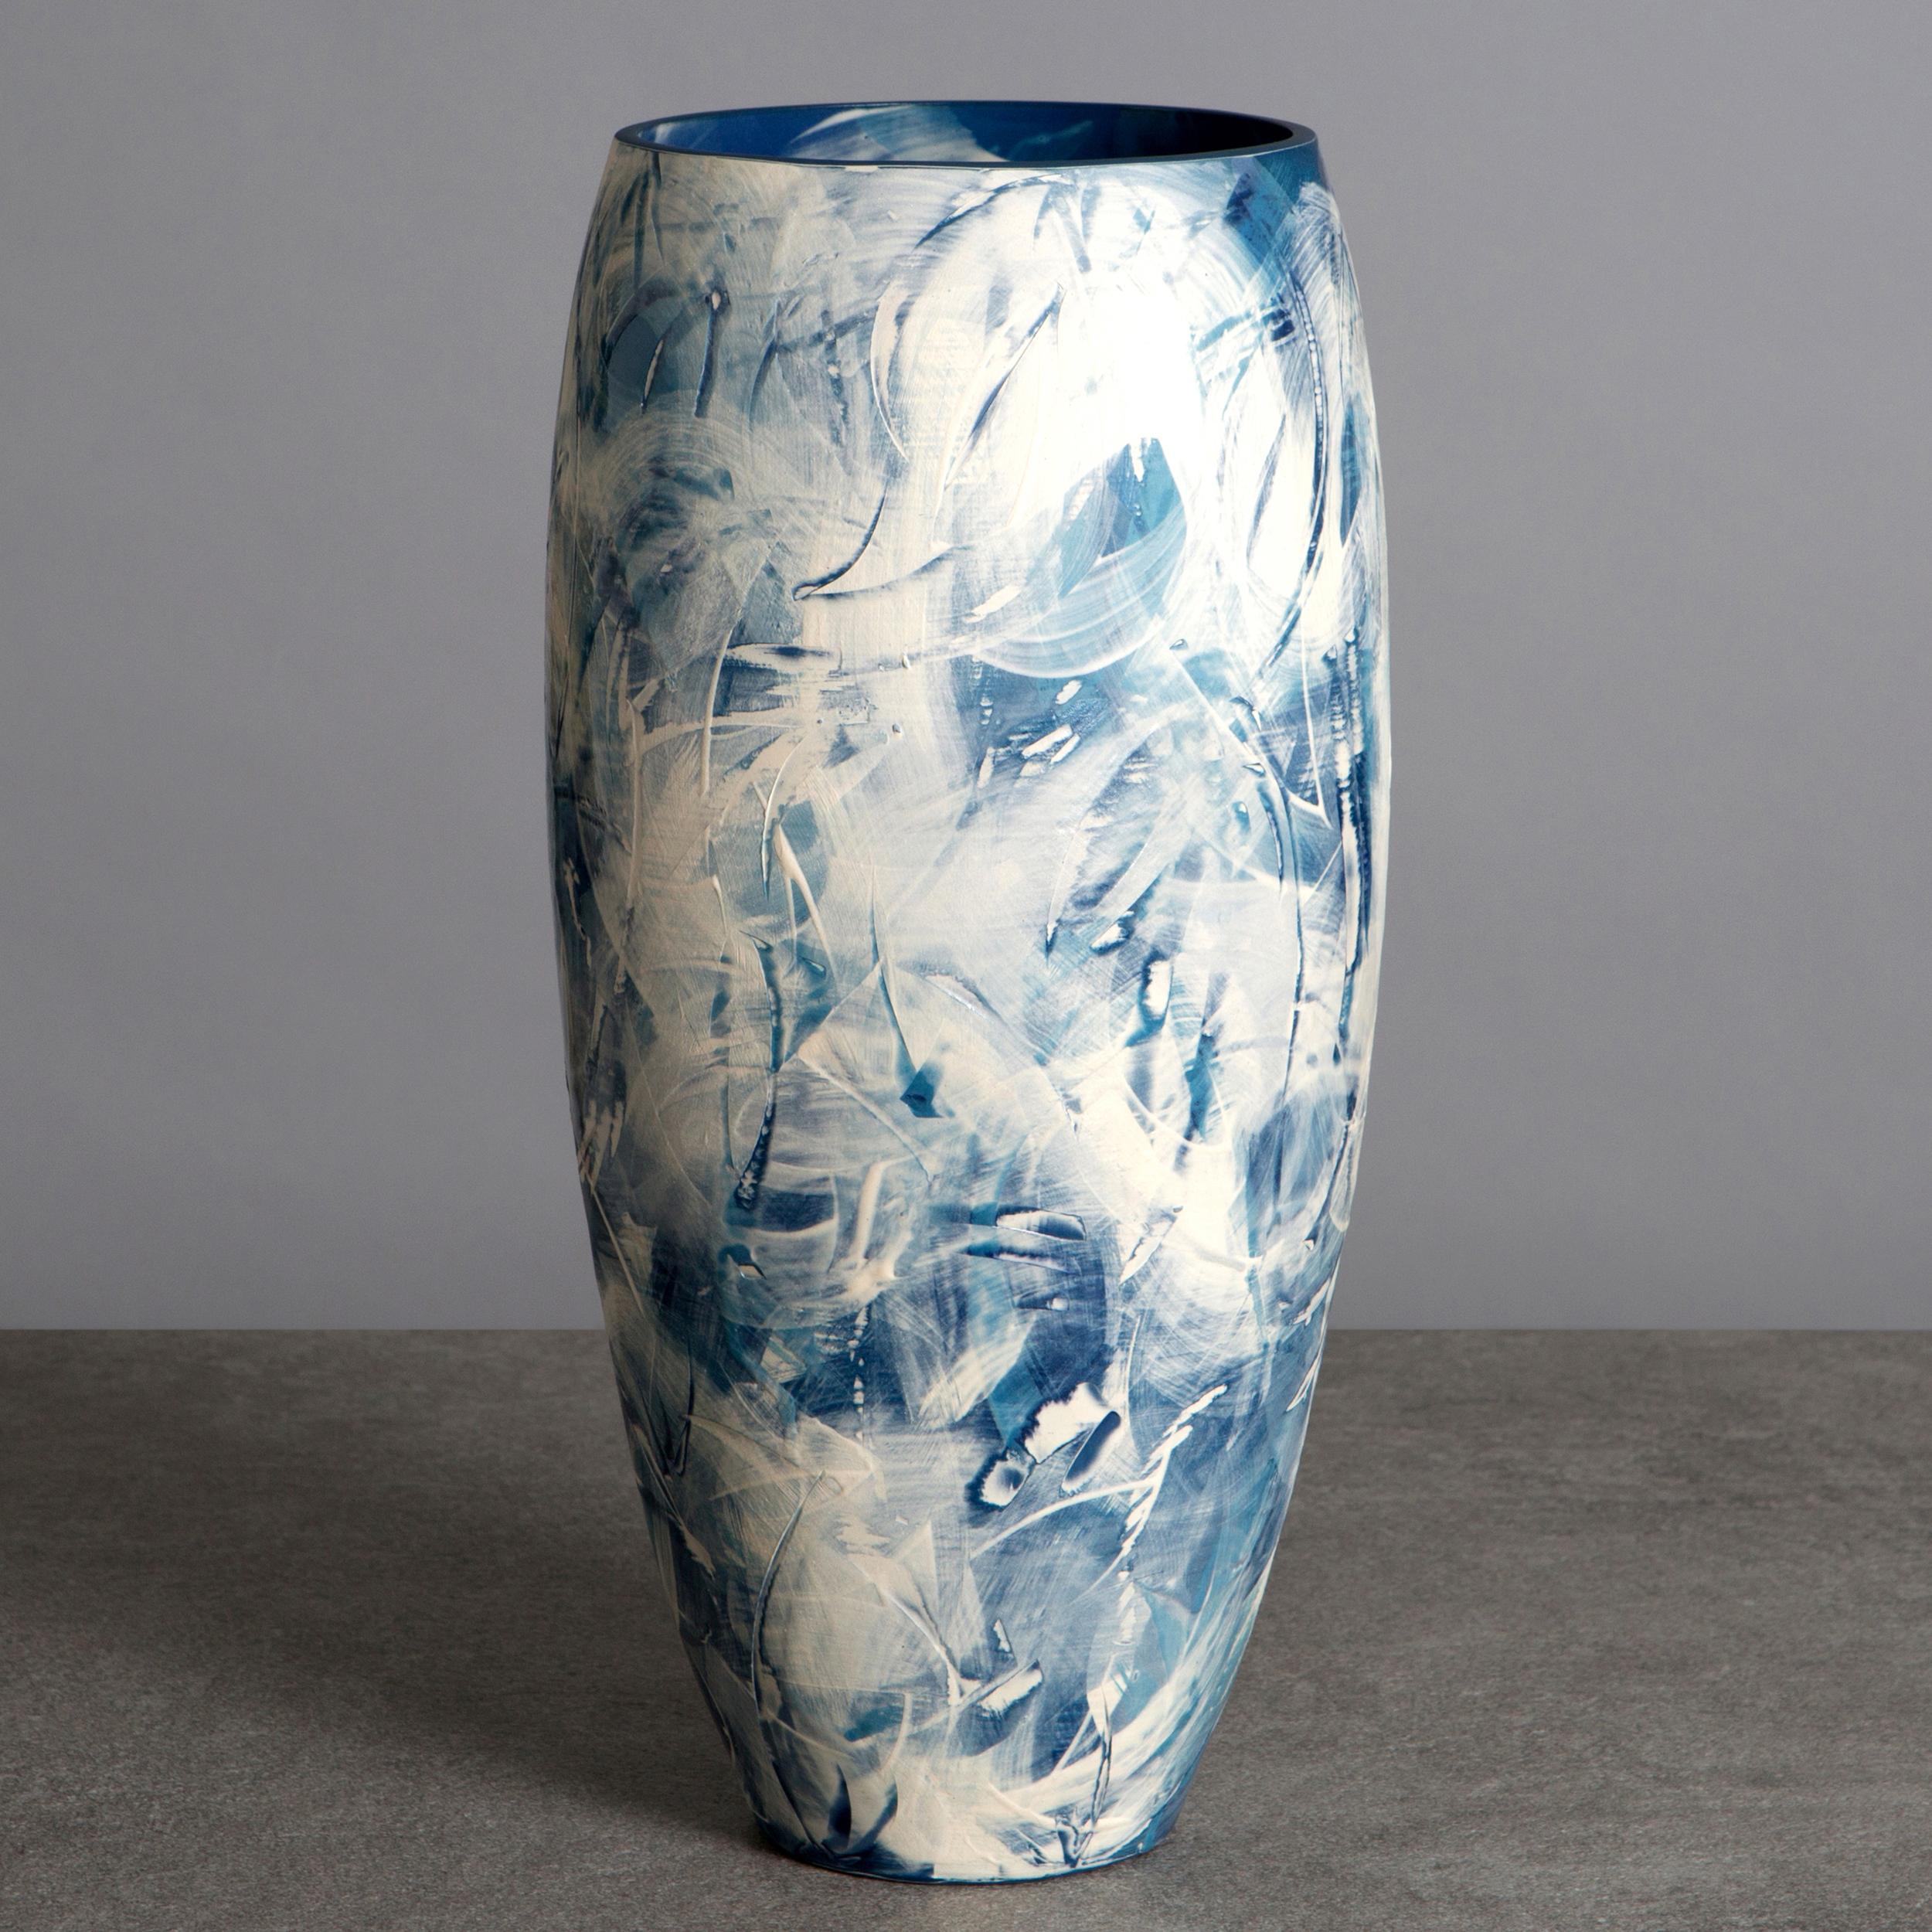 Sea Spray Waves Ceramic Vase by Rowena Gilbert